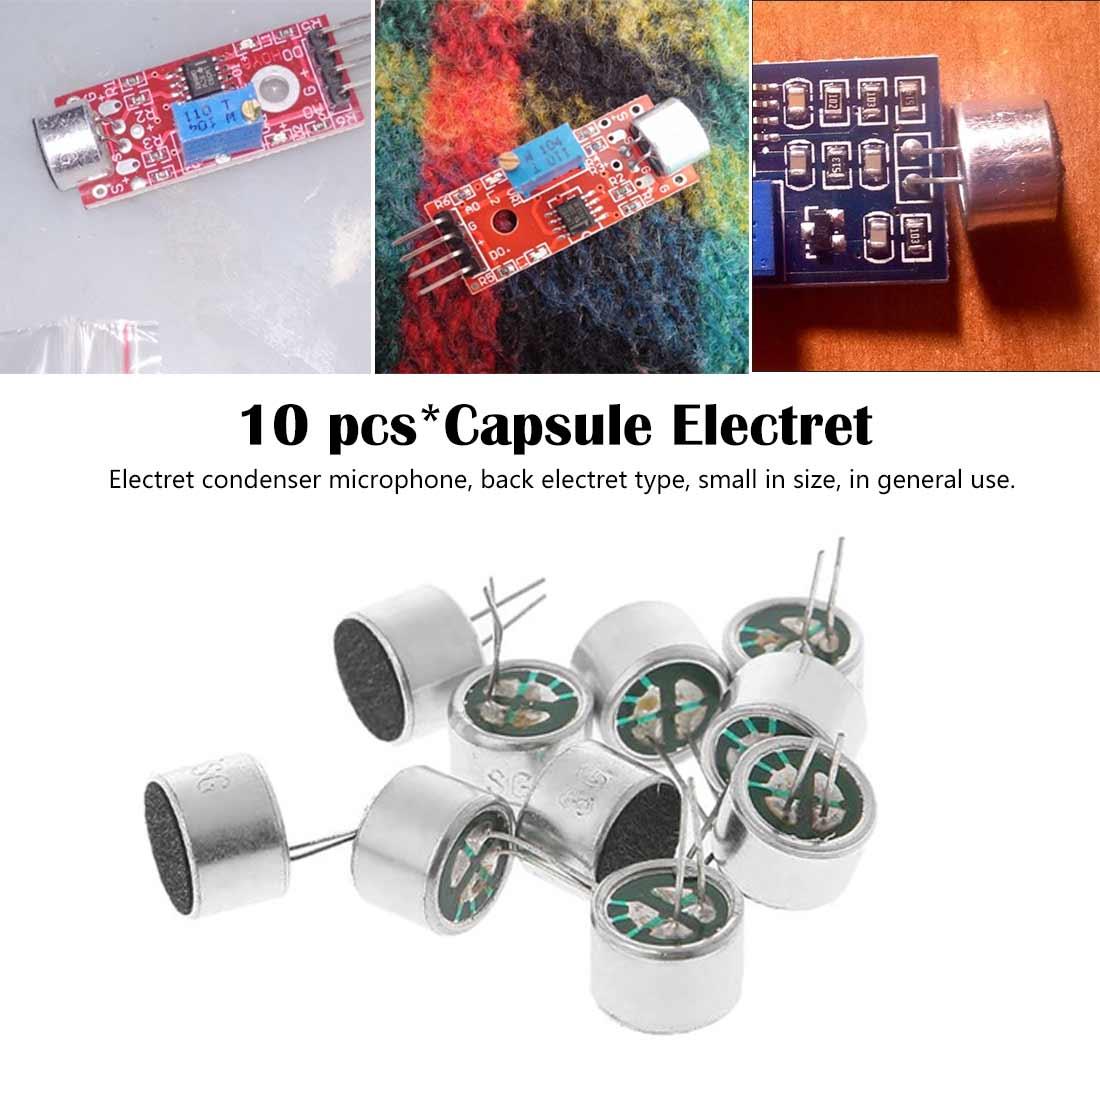 10 PCS 9mm*7mm MIC Capsule Electret Condenser Microphone Electret Condenser Miniphone Mic Capsule 9767 Electronic Equipment